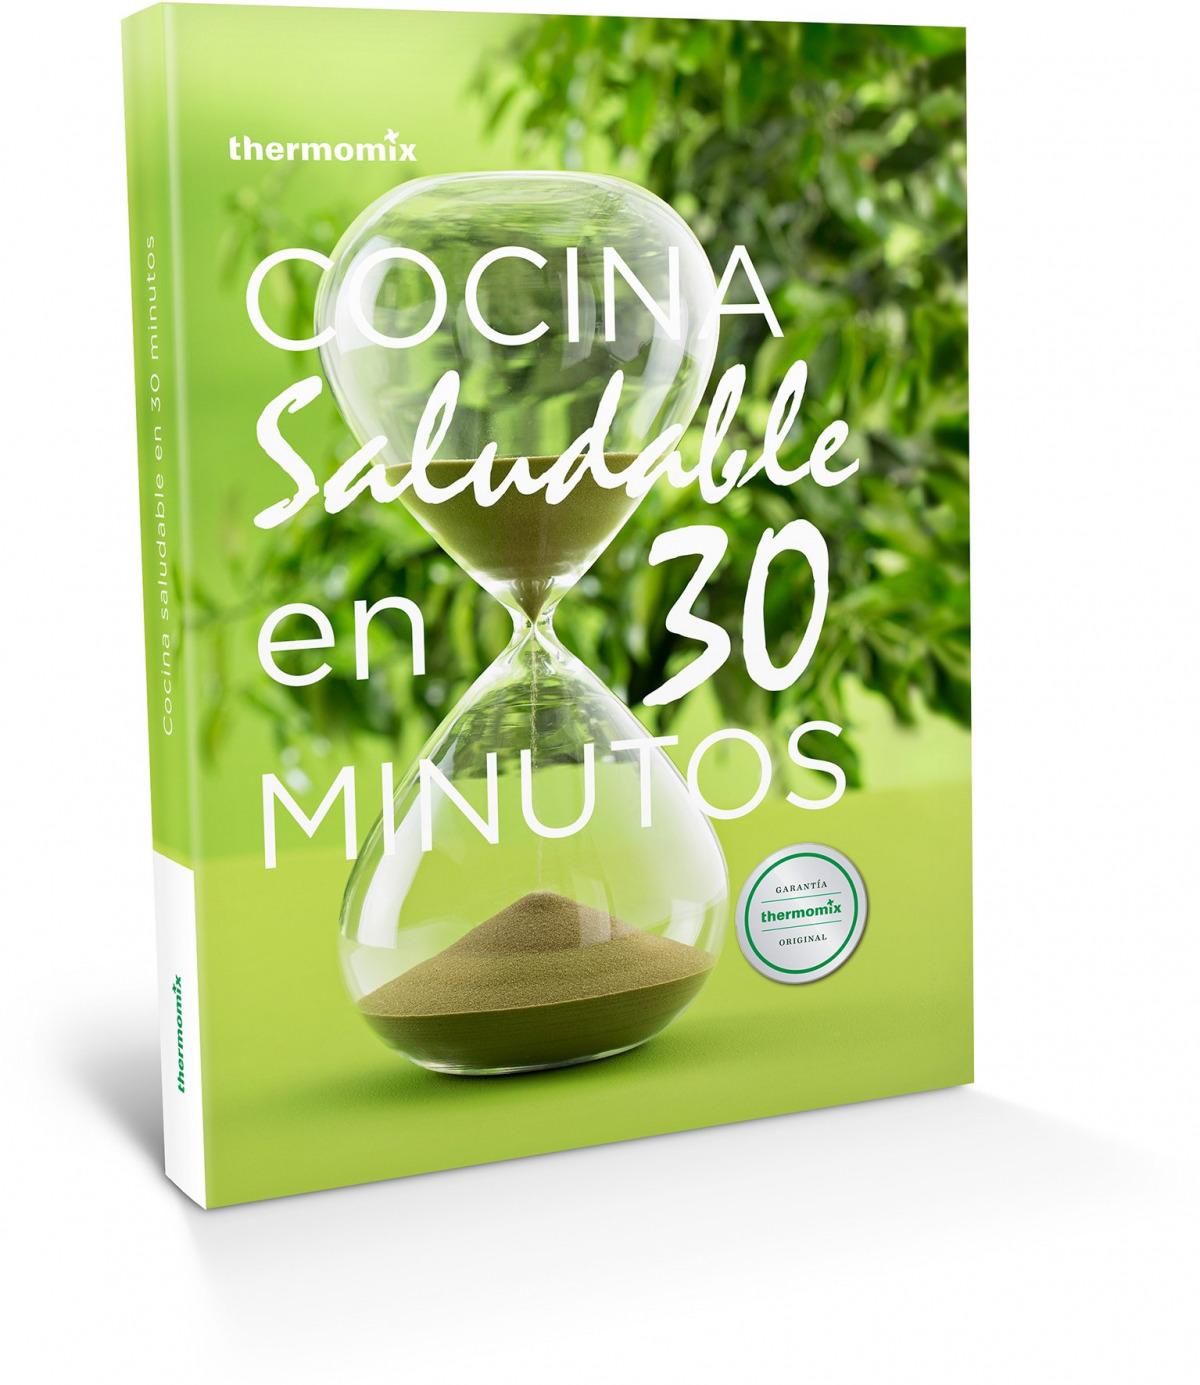 COCINA SALUDABLE EN 30 MINUTOS 9788461741175